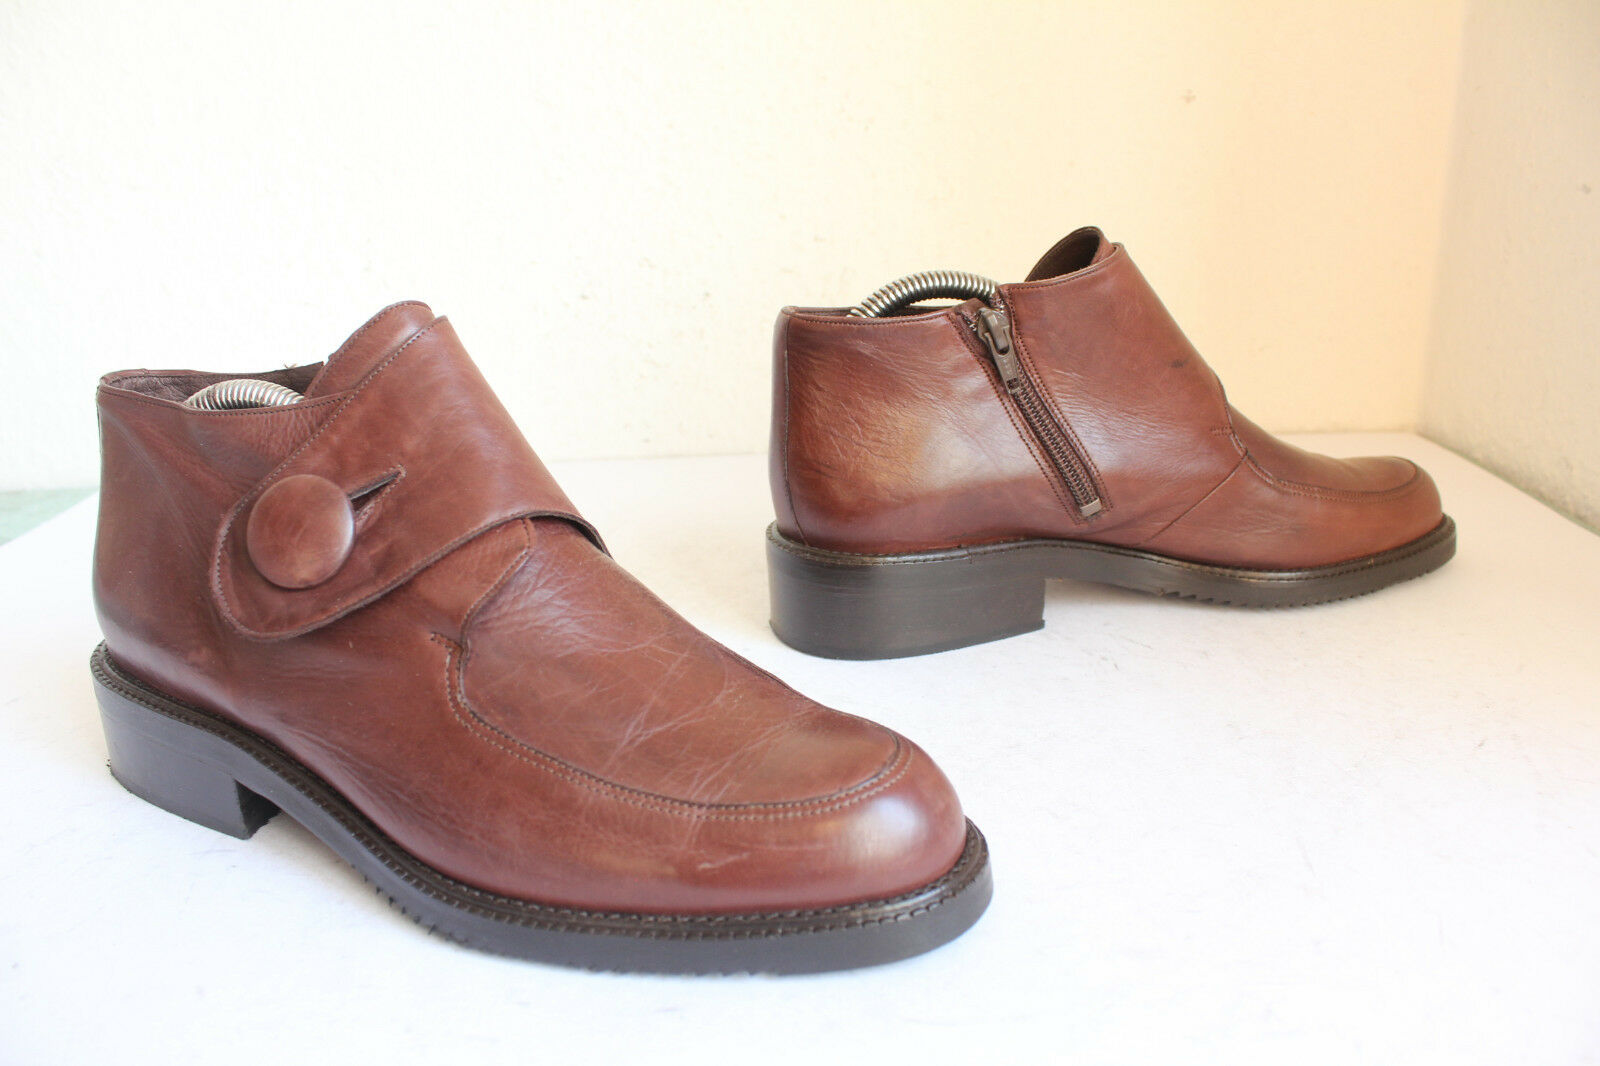 Vintage Andiamo elegante botines plenamente cuero genuino marrón eu:39, 5 Made in Italy